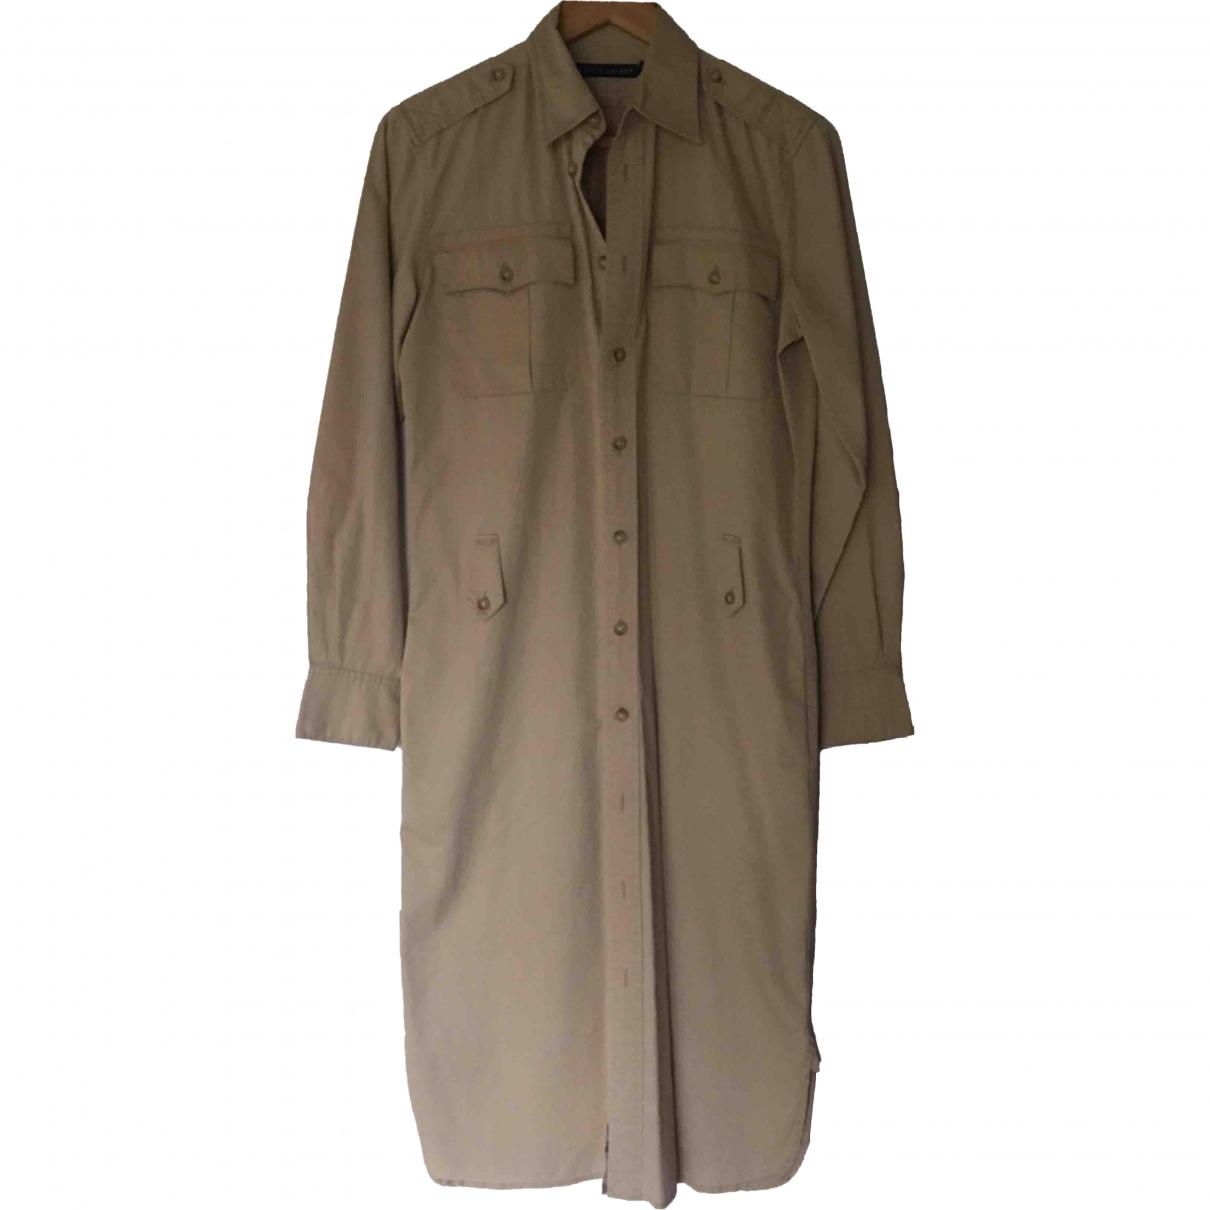 Ralph Lauren \N Beige Cotton dress for Women 8 US